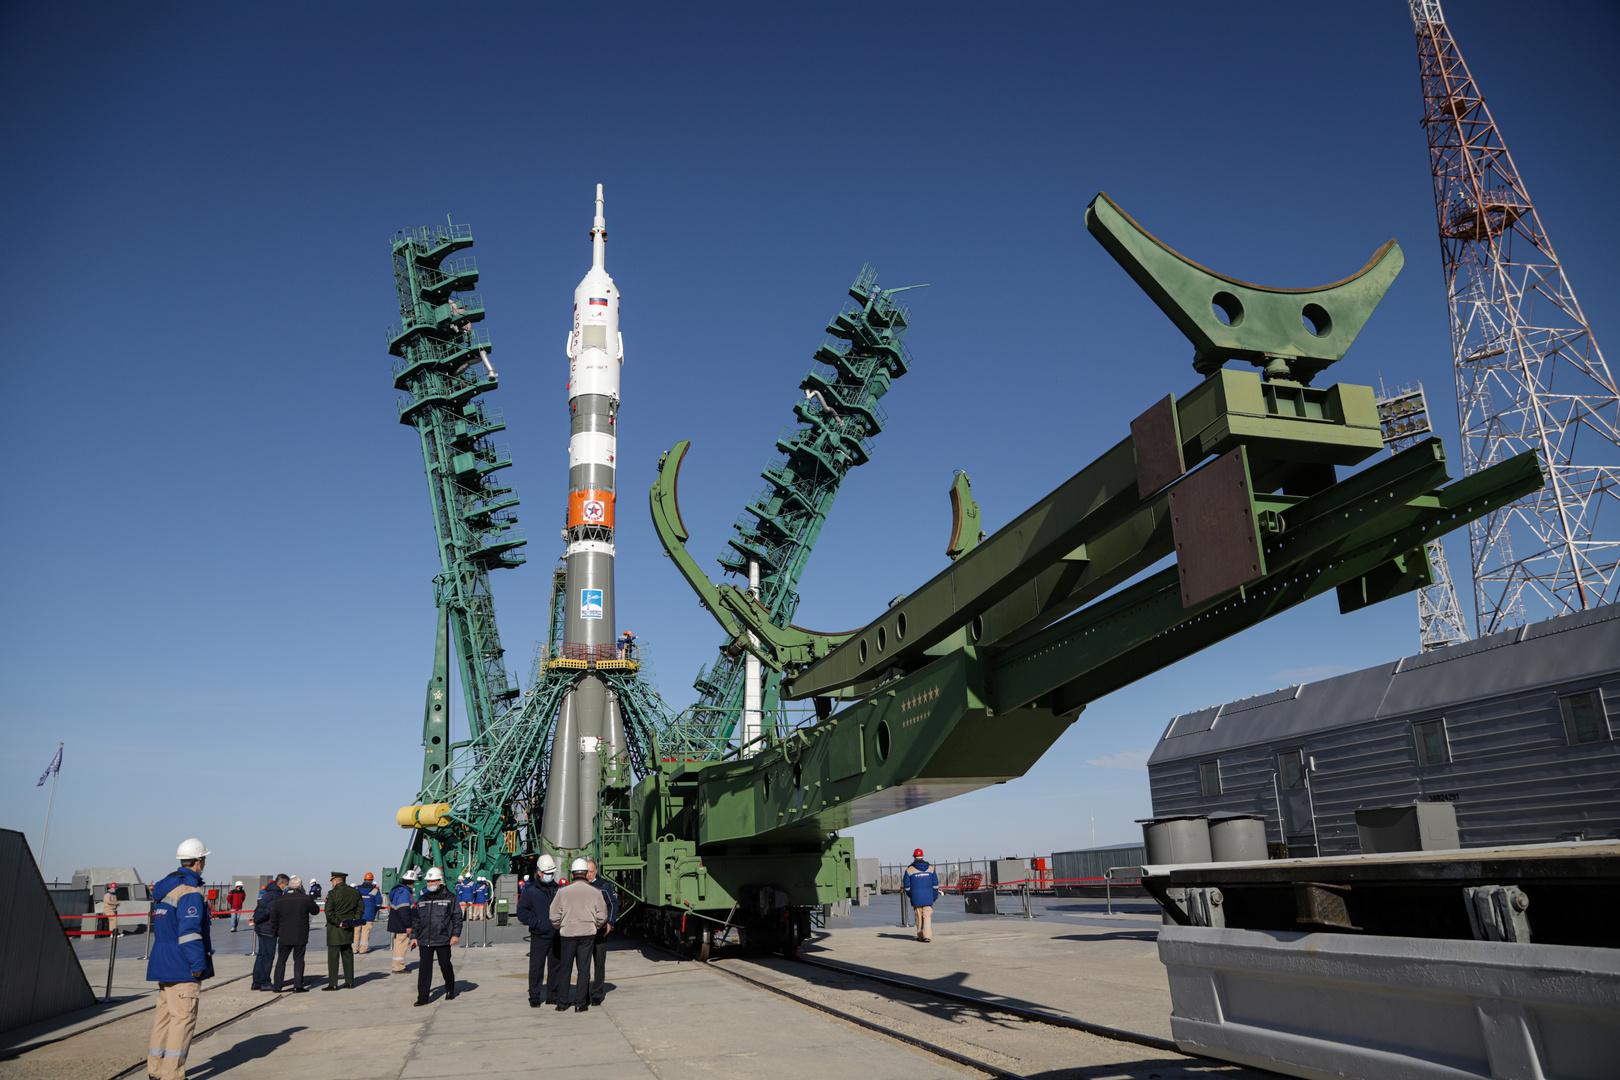 روسيا تهنئ تونس بإطلاقها قمرا صناعيا إلى الفضاء